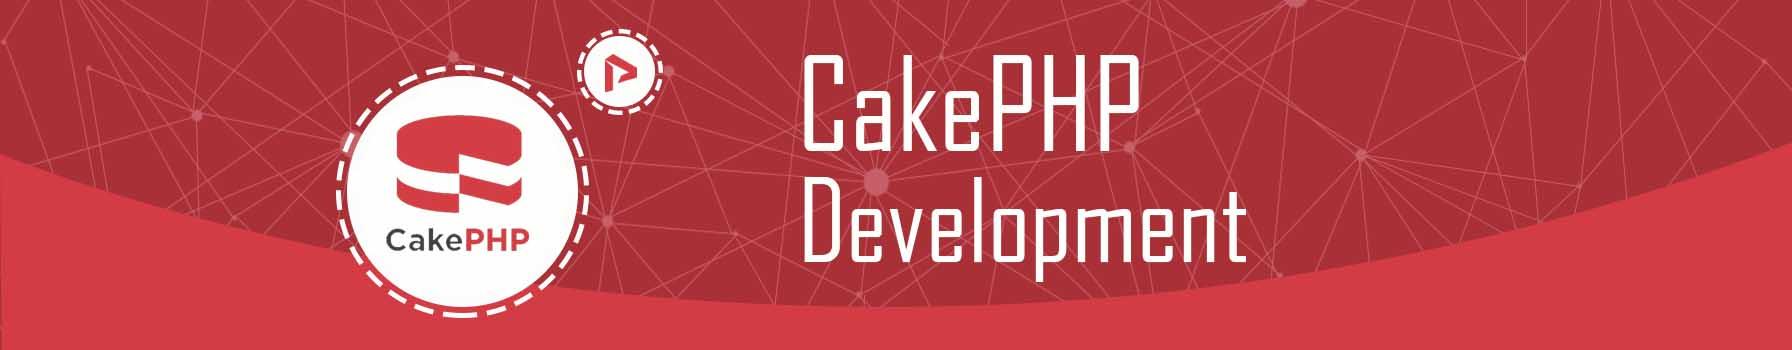 cakephp-development.jpg